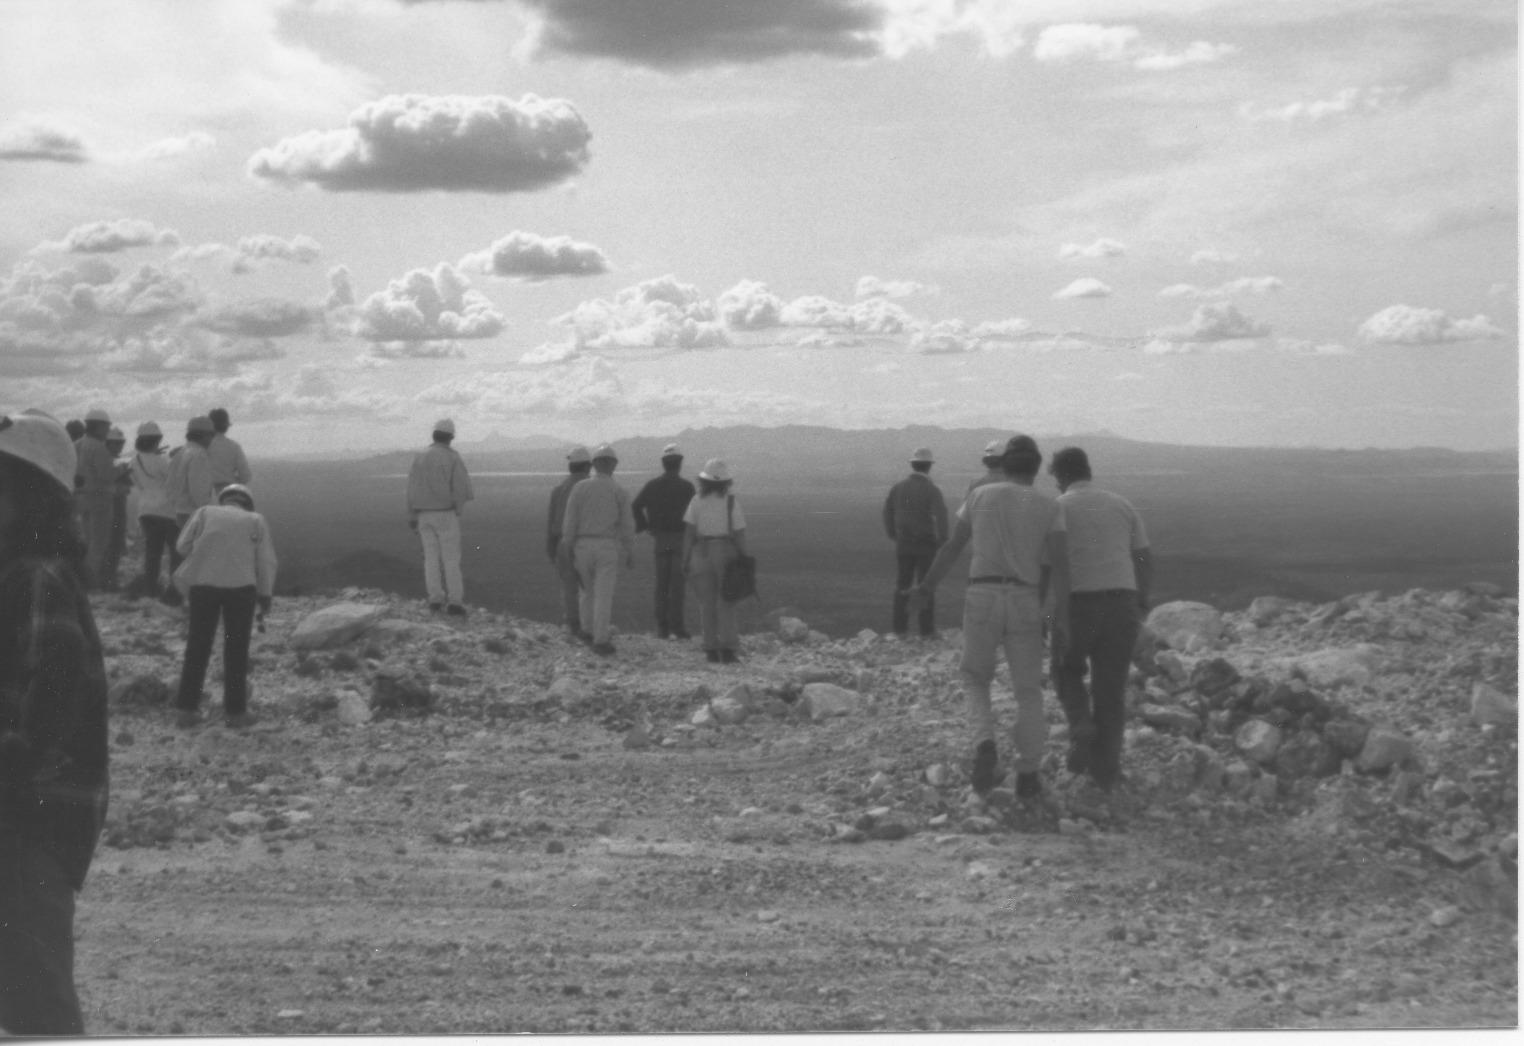 ADMMR Photo Archive file: Santa Rita Limestone Quarry 184-18